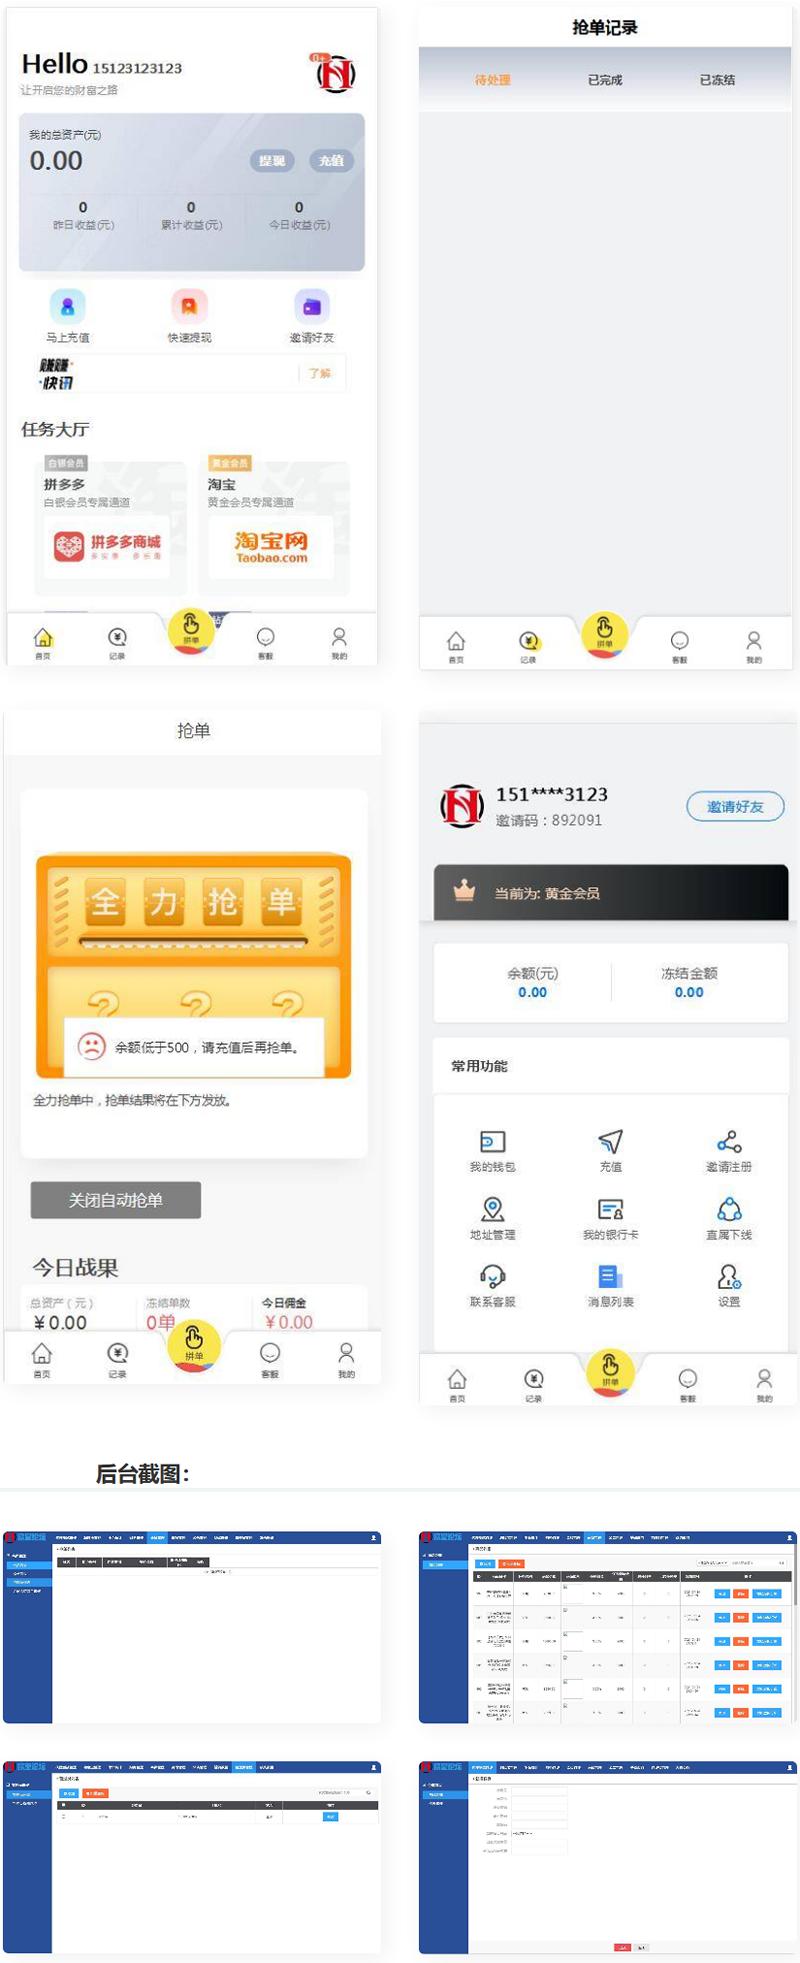 老版UI嗨淘点赞任务悬赏网站系统源码V12版 支持手动派单-爱资源分享